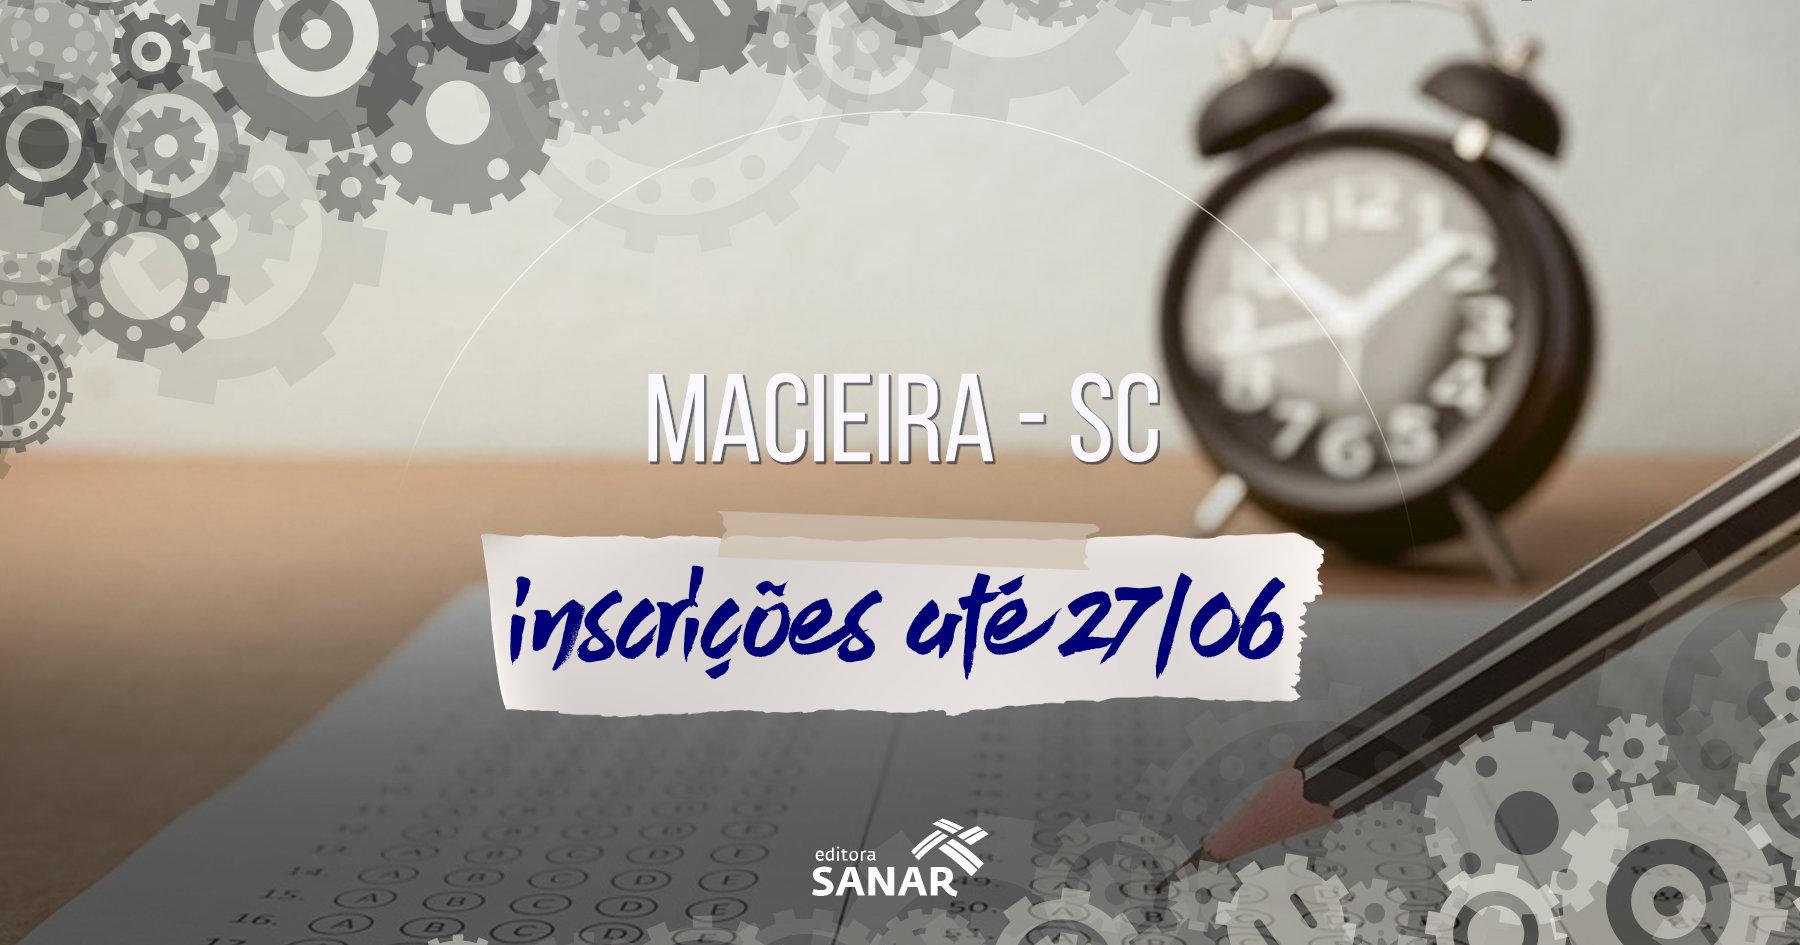 Processo Seletivo: Prefeitura de Macieira divulga edital